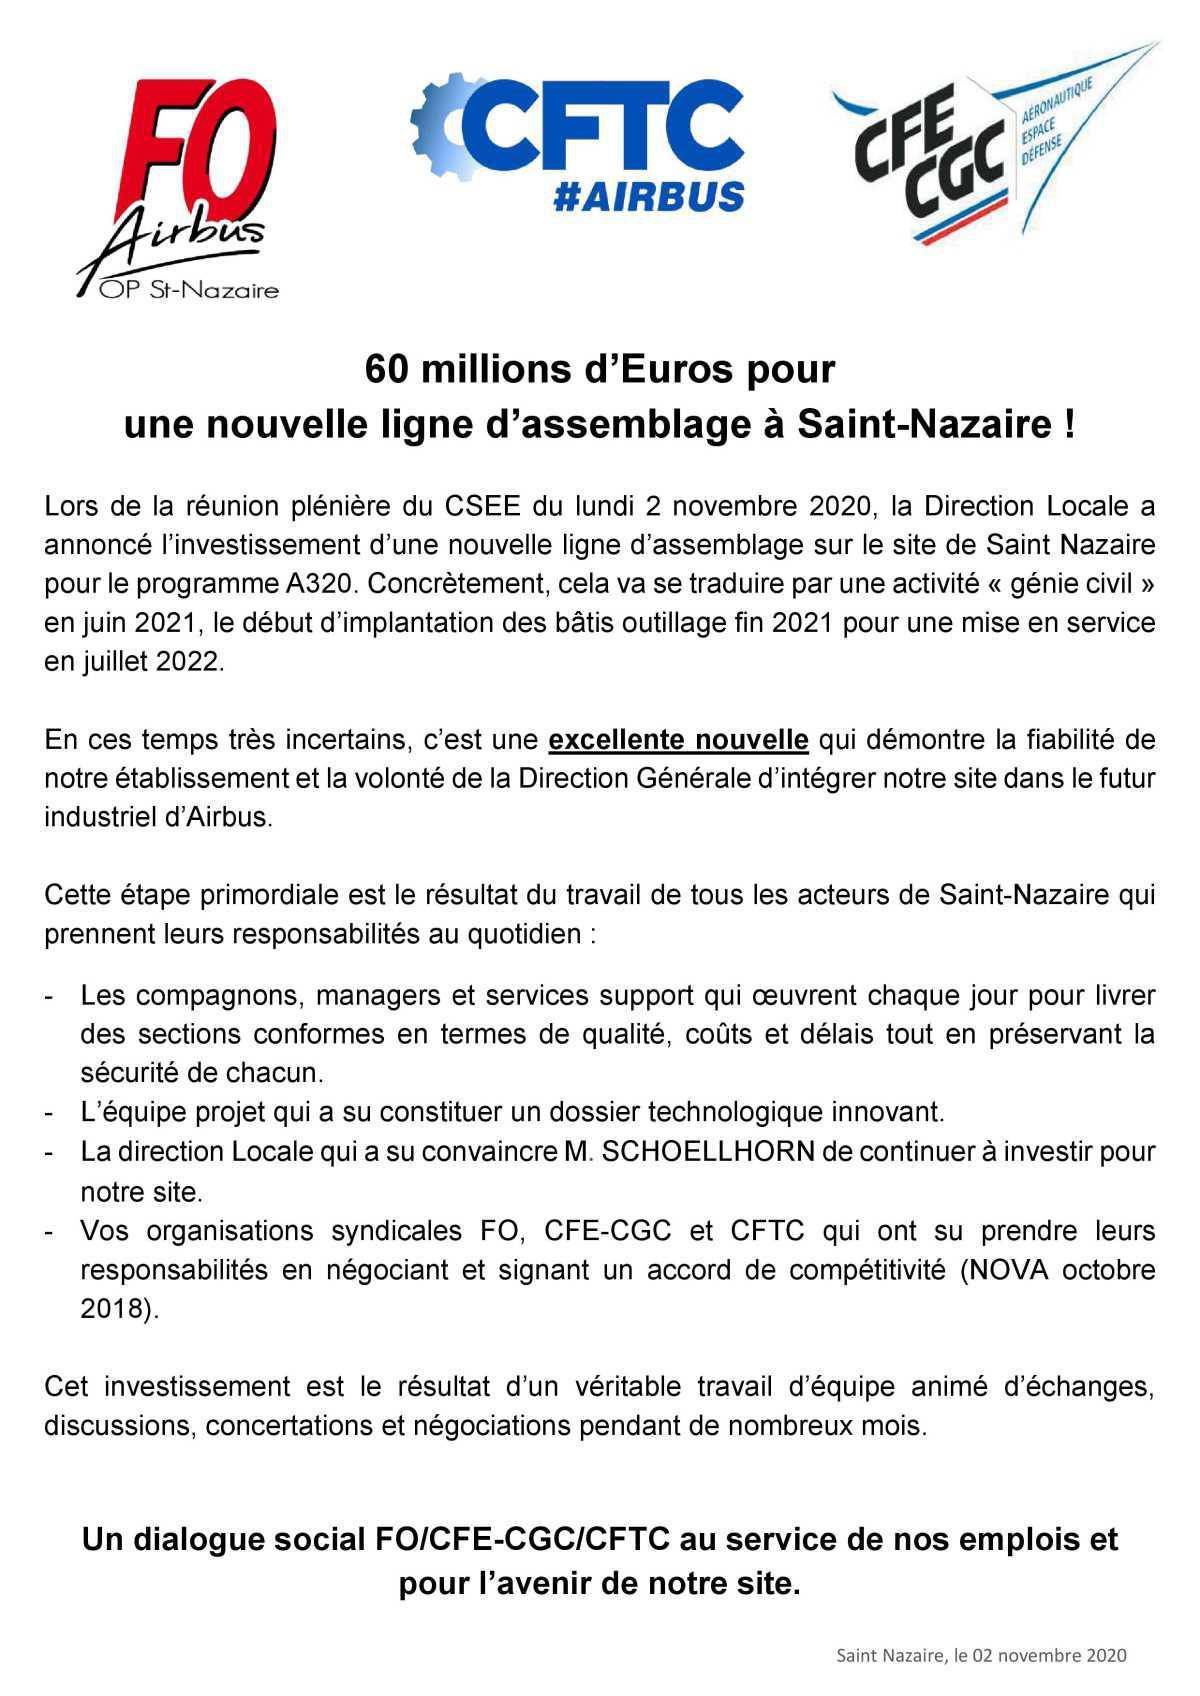 Une nouvelle ligne d'assemblage pour Saint-Nazaire